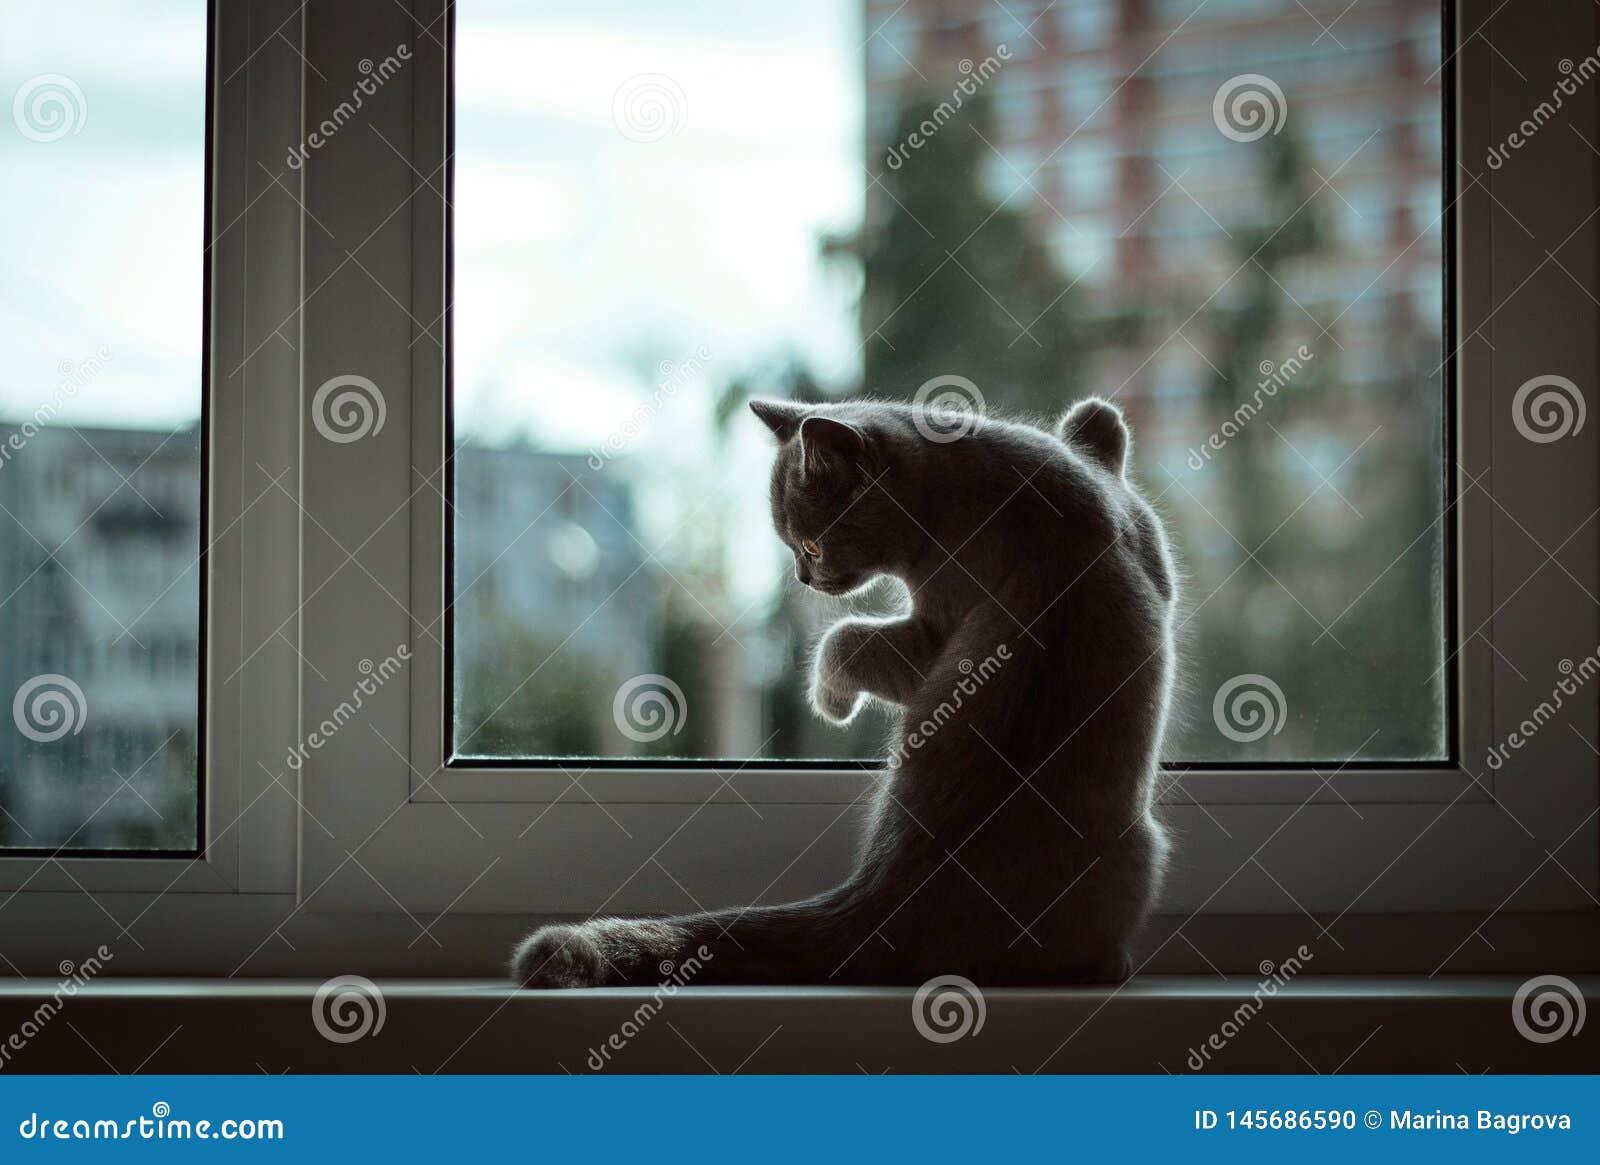 Un piccolo gattino britannico che si siede alla finestra sui precedenti della città uguagliante Resti di gambe anteriori contro i